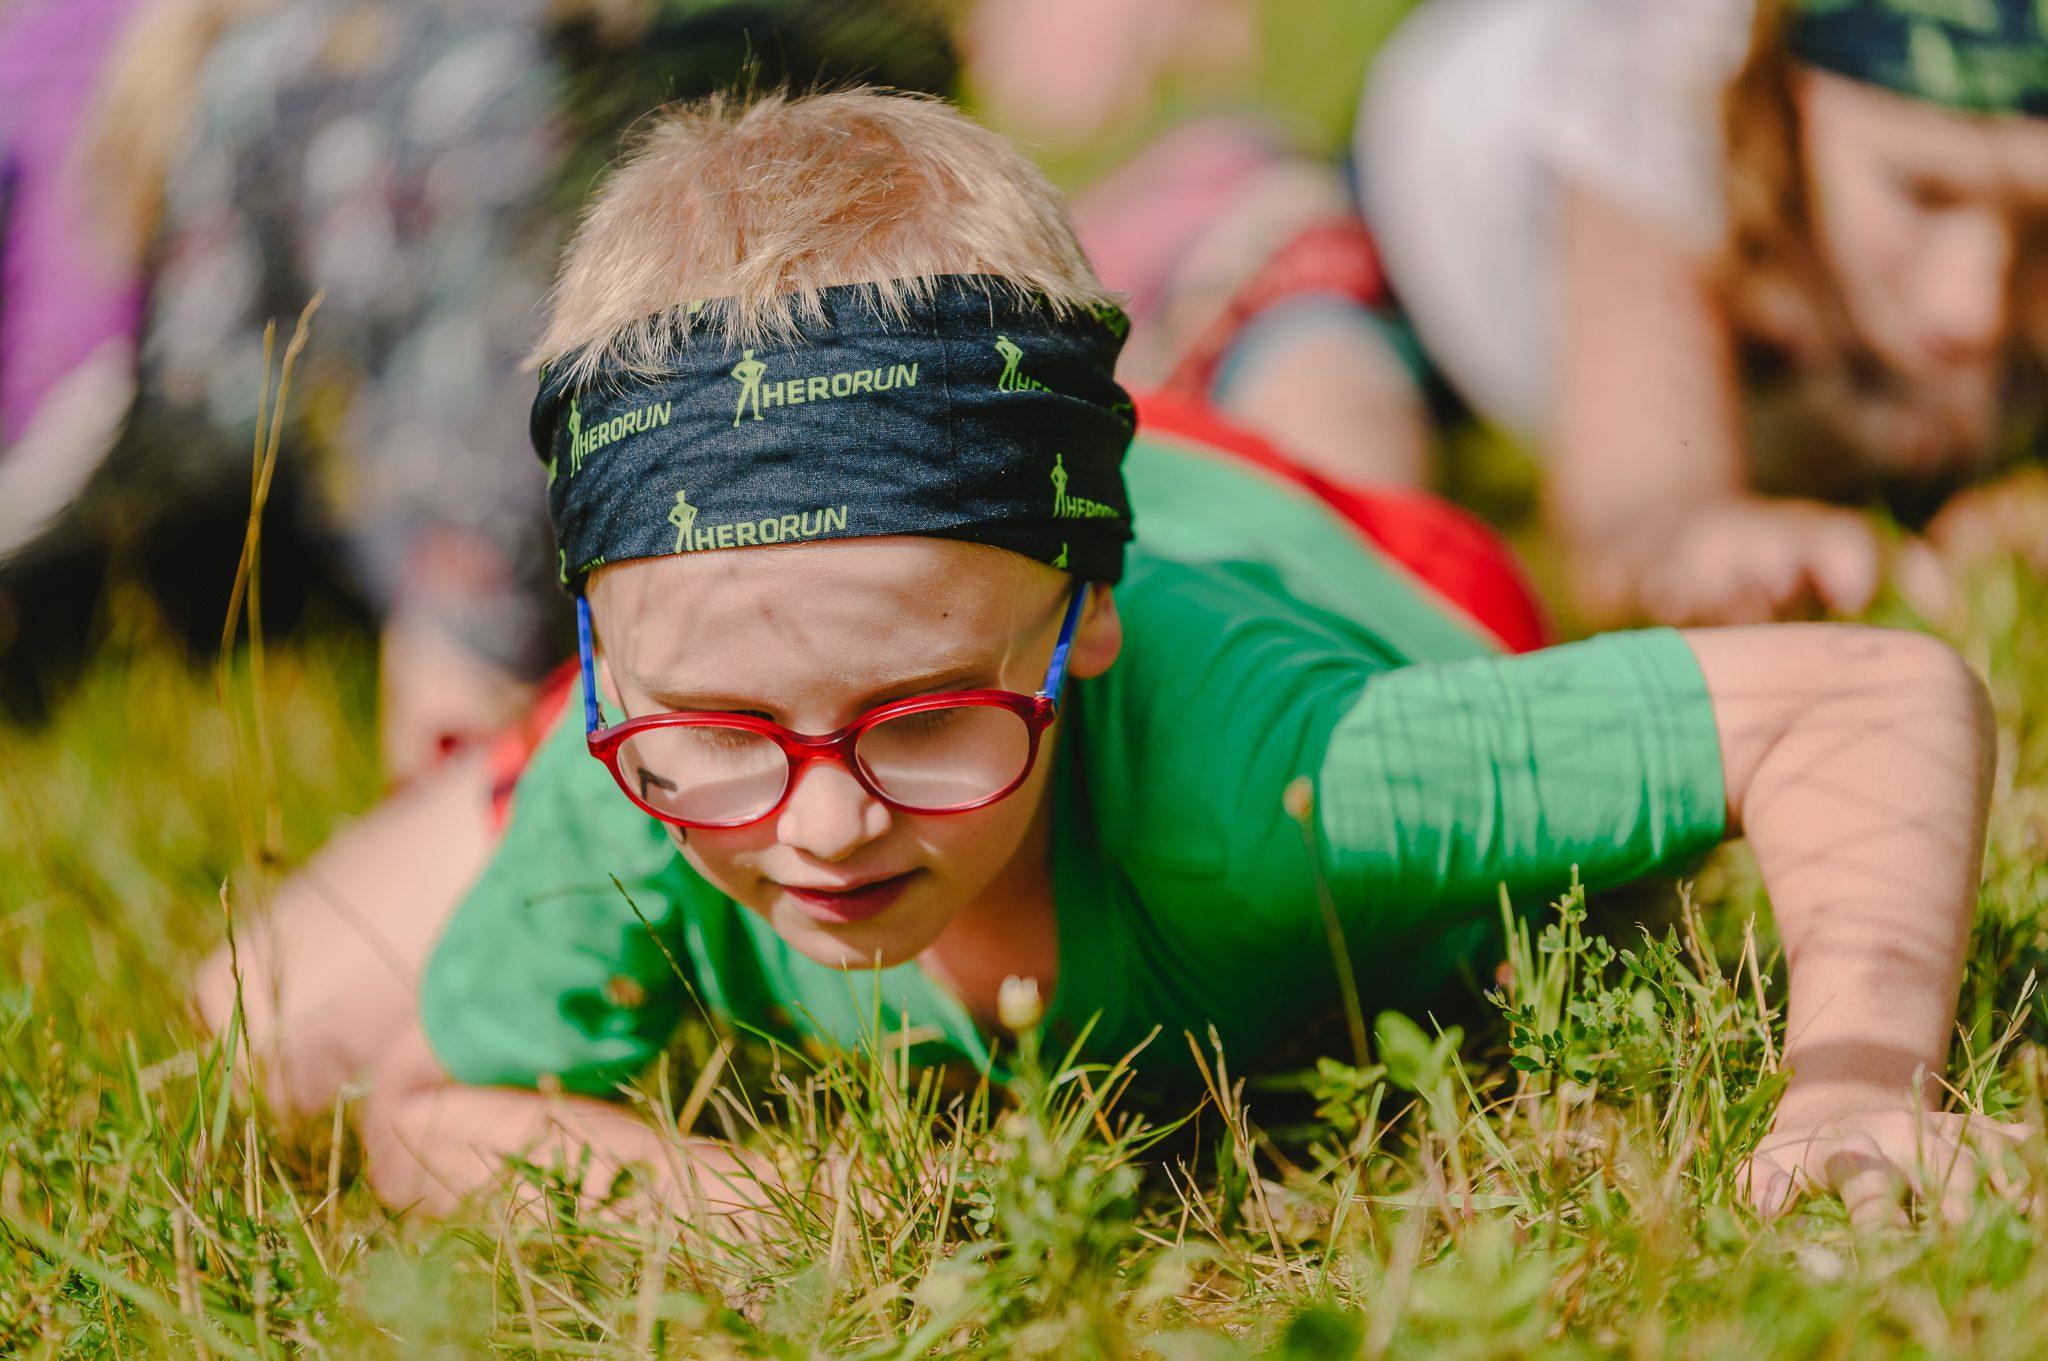 Już ponad 600 dzieci na liście Hero Run KIDS!